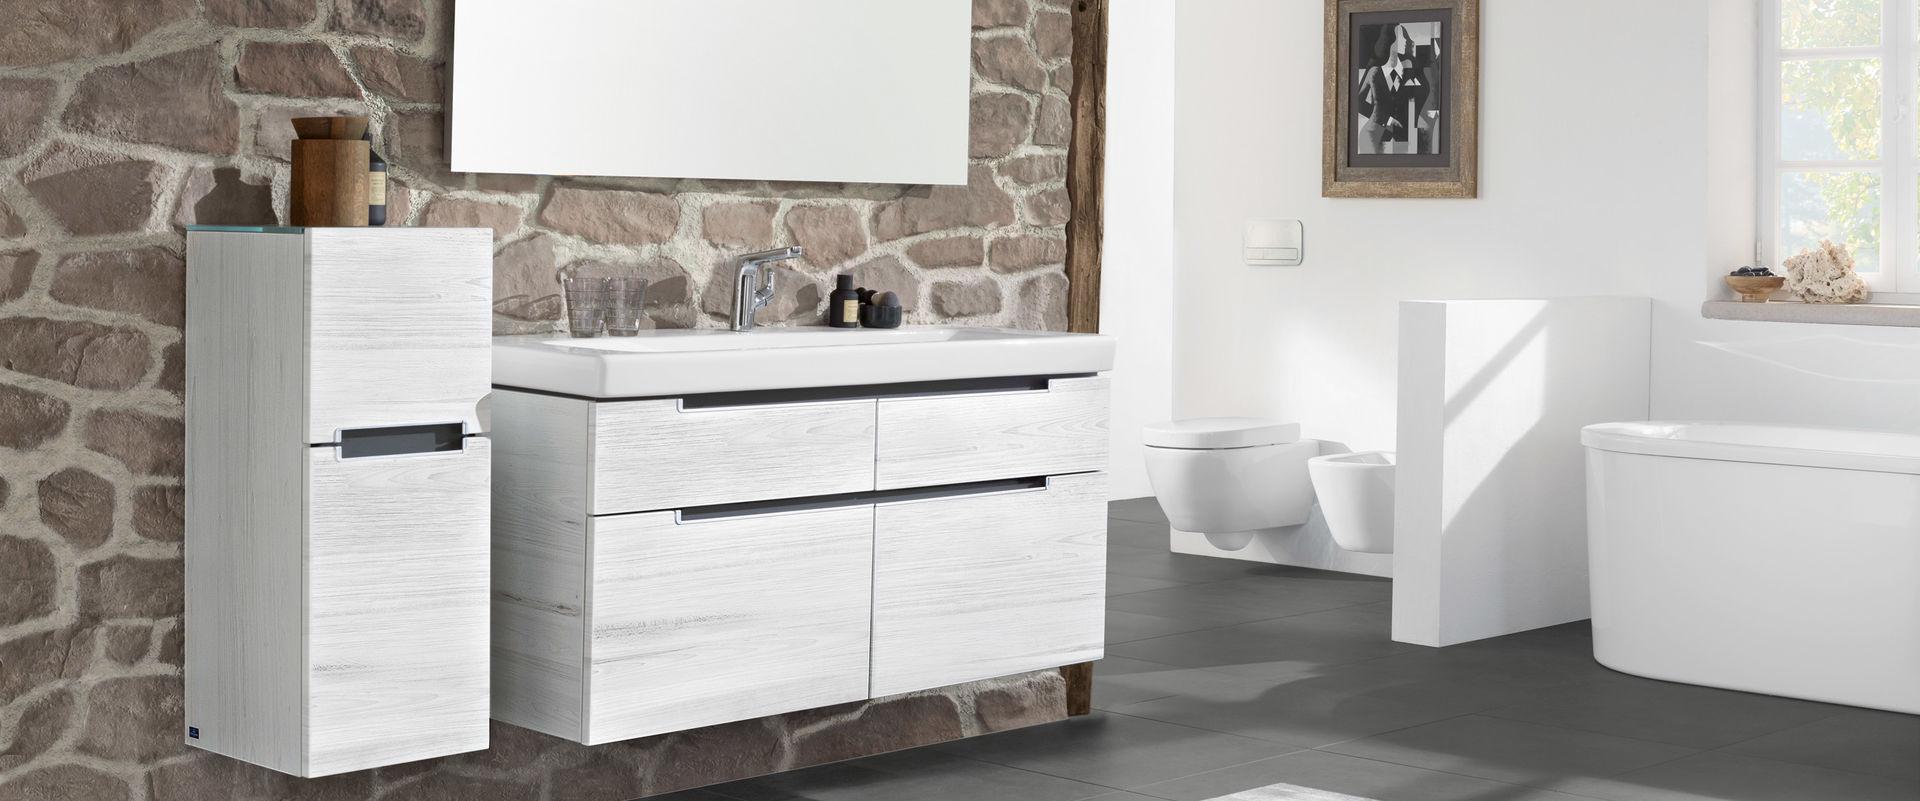 Moderne Design Badmöbel